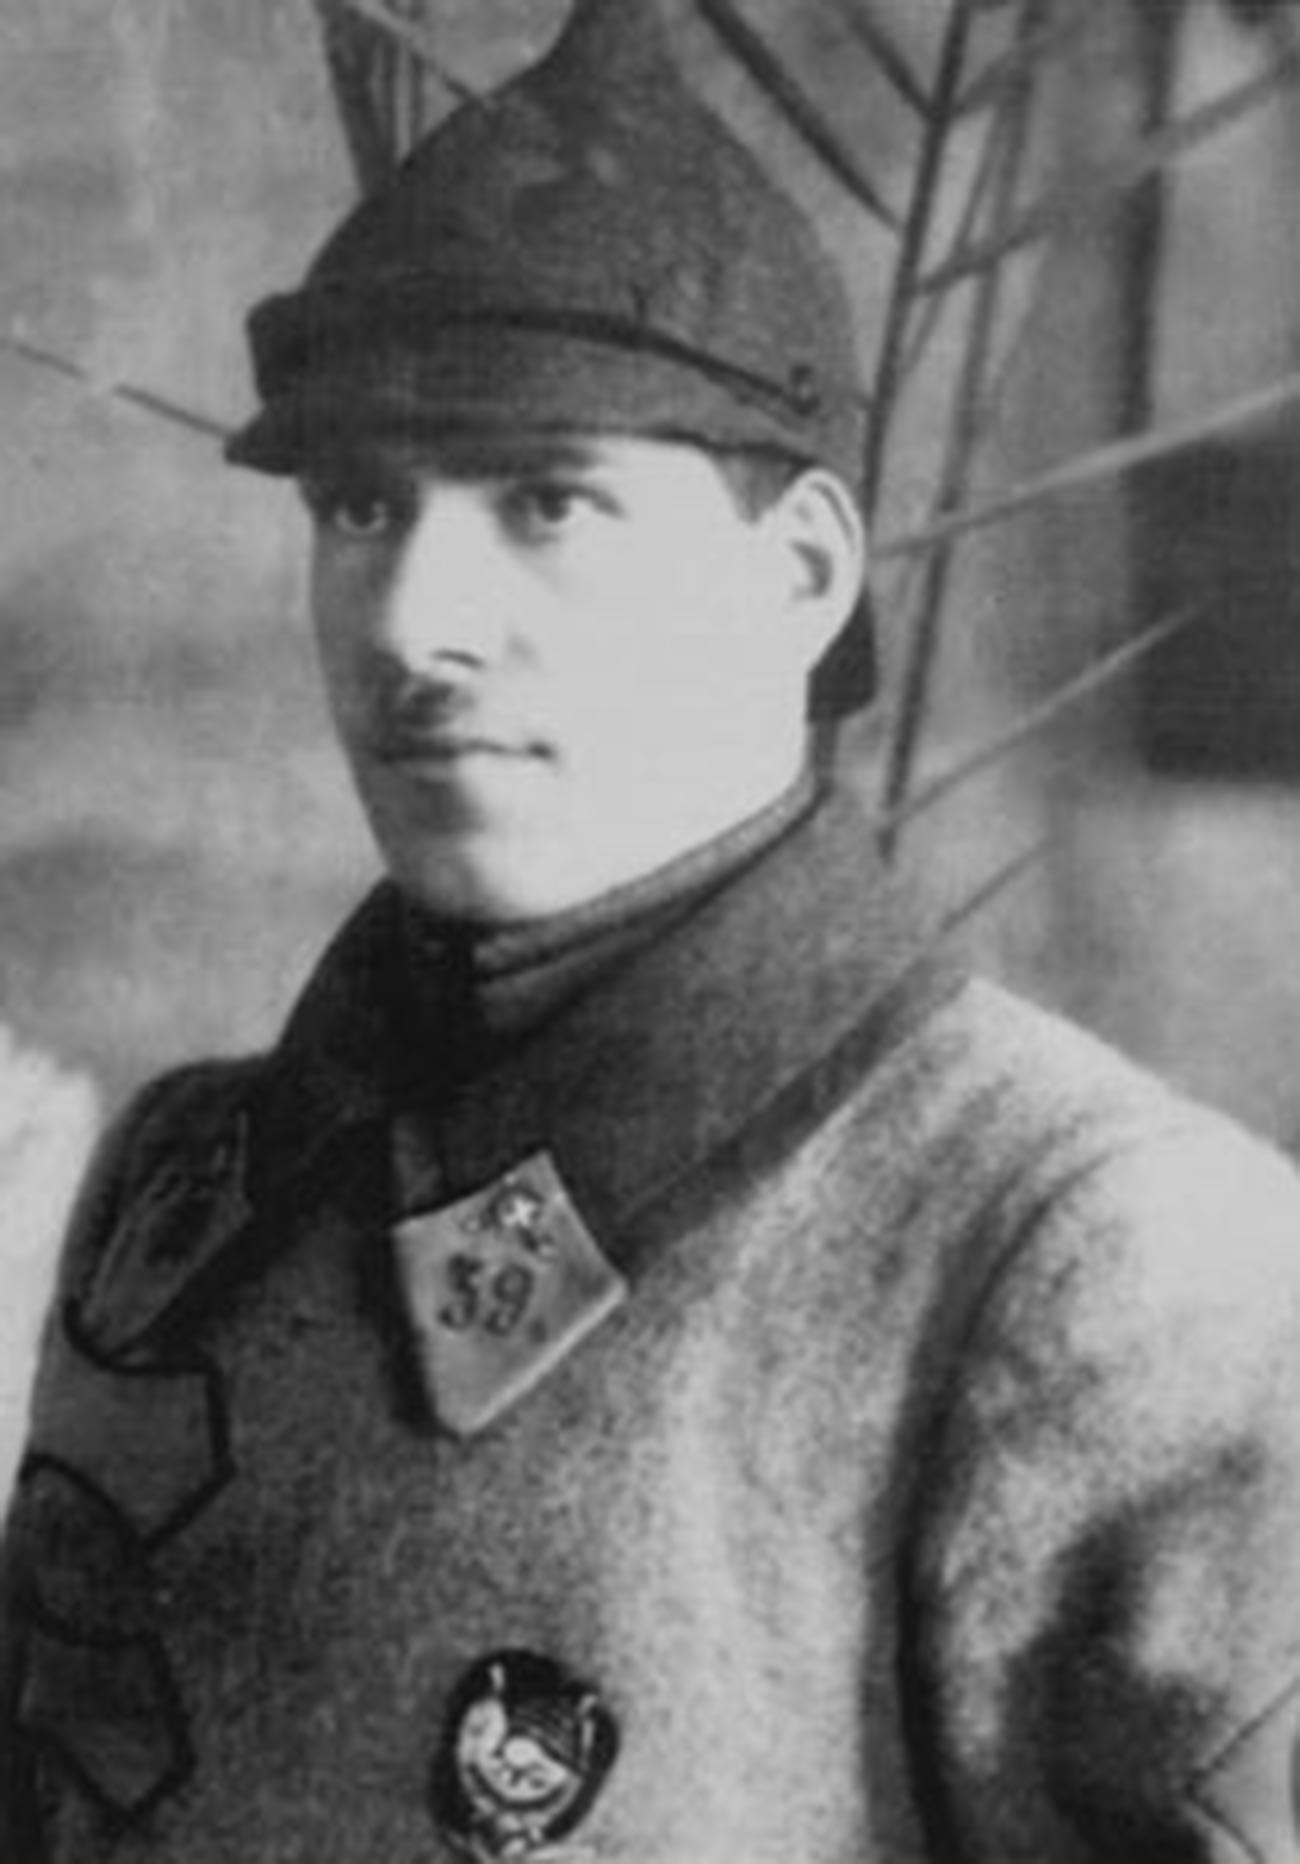 Zapovjednik 39. buzulukse konjiče pukovnije G. K. Žukov, 1923.